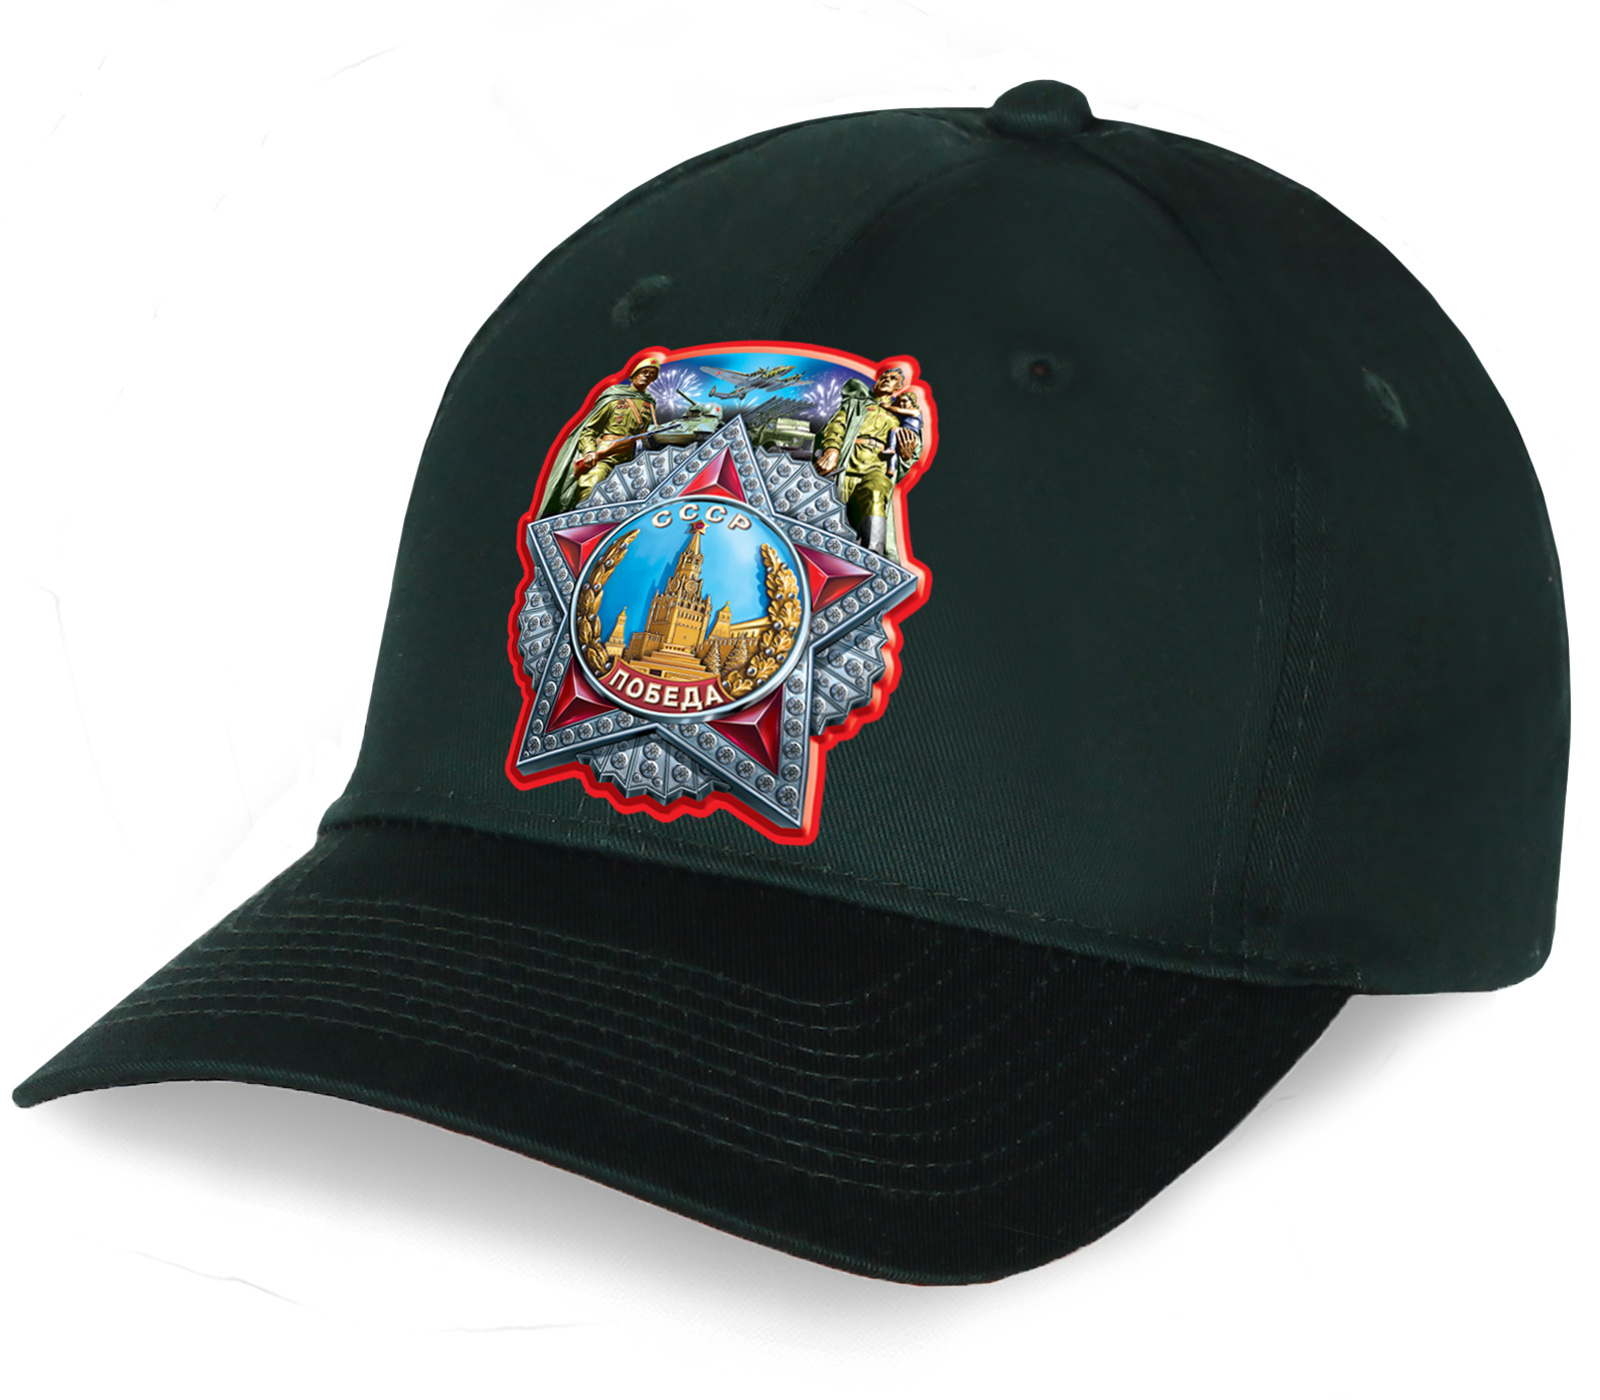 Модель от дизайнеров Военпро лучшего качества по самой выгодной цене – хлопковая кепка с орденской символикой. Такого Вы не купите нигде! Предложение ограничено!